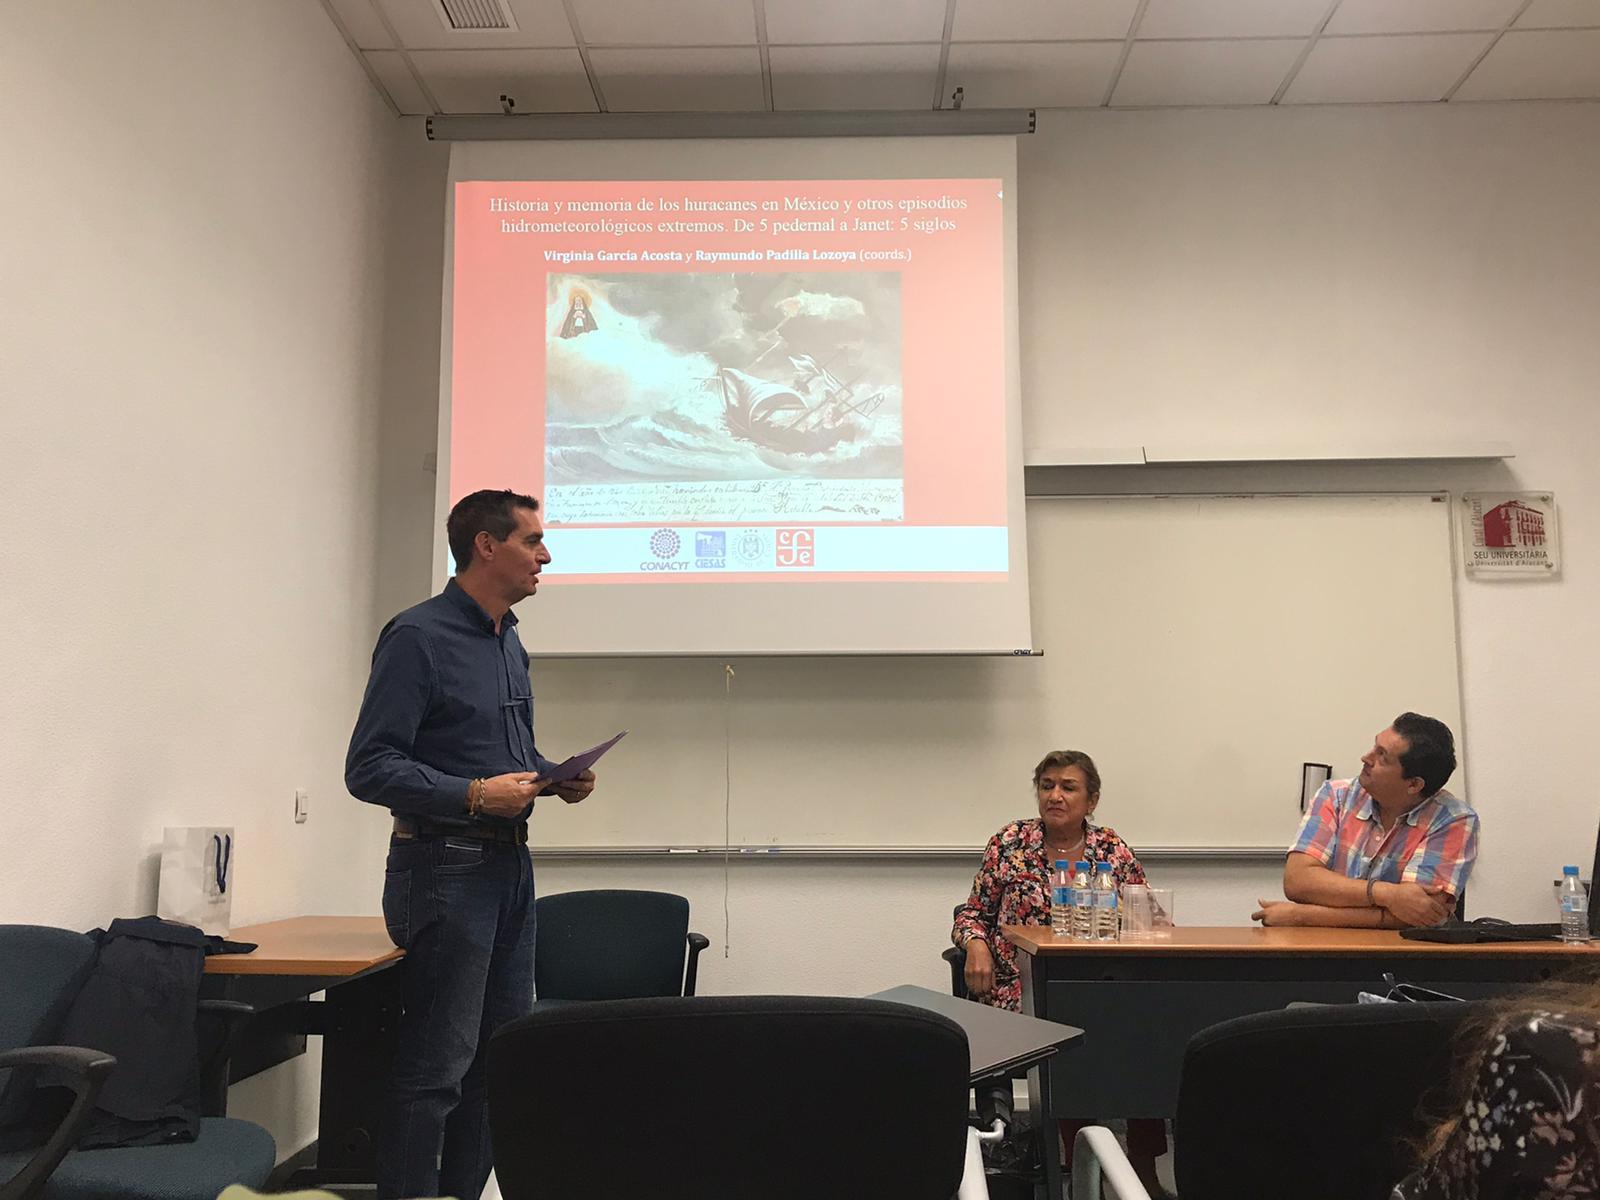 Detalle de la presentación del libro por Jorge Olcina